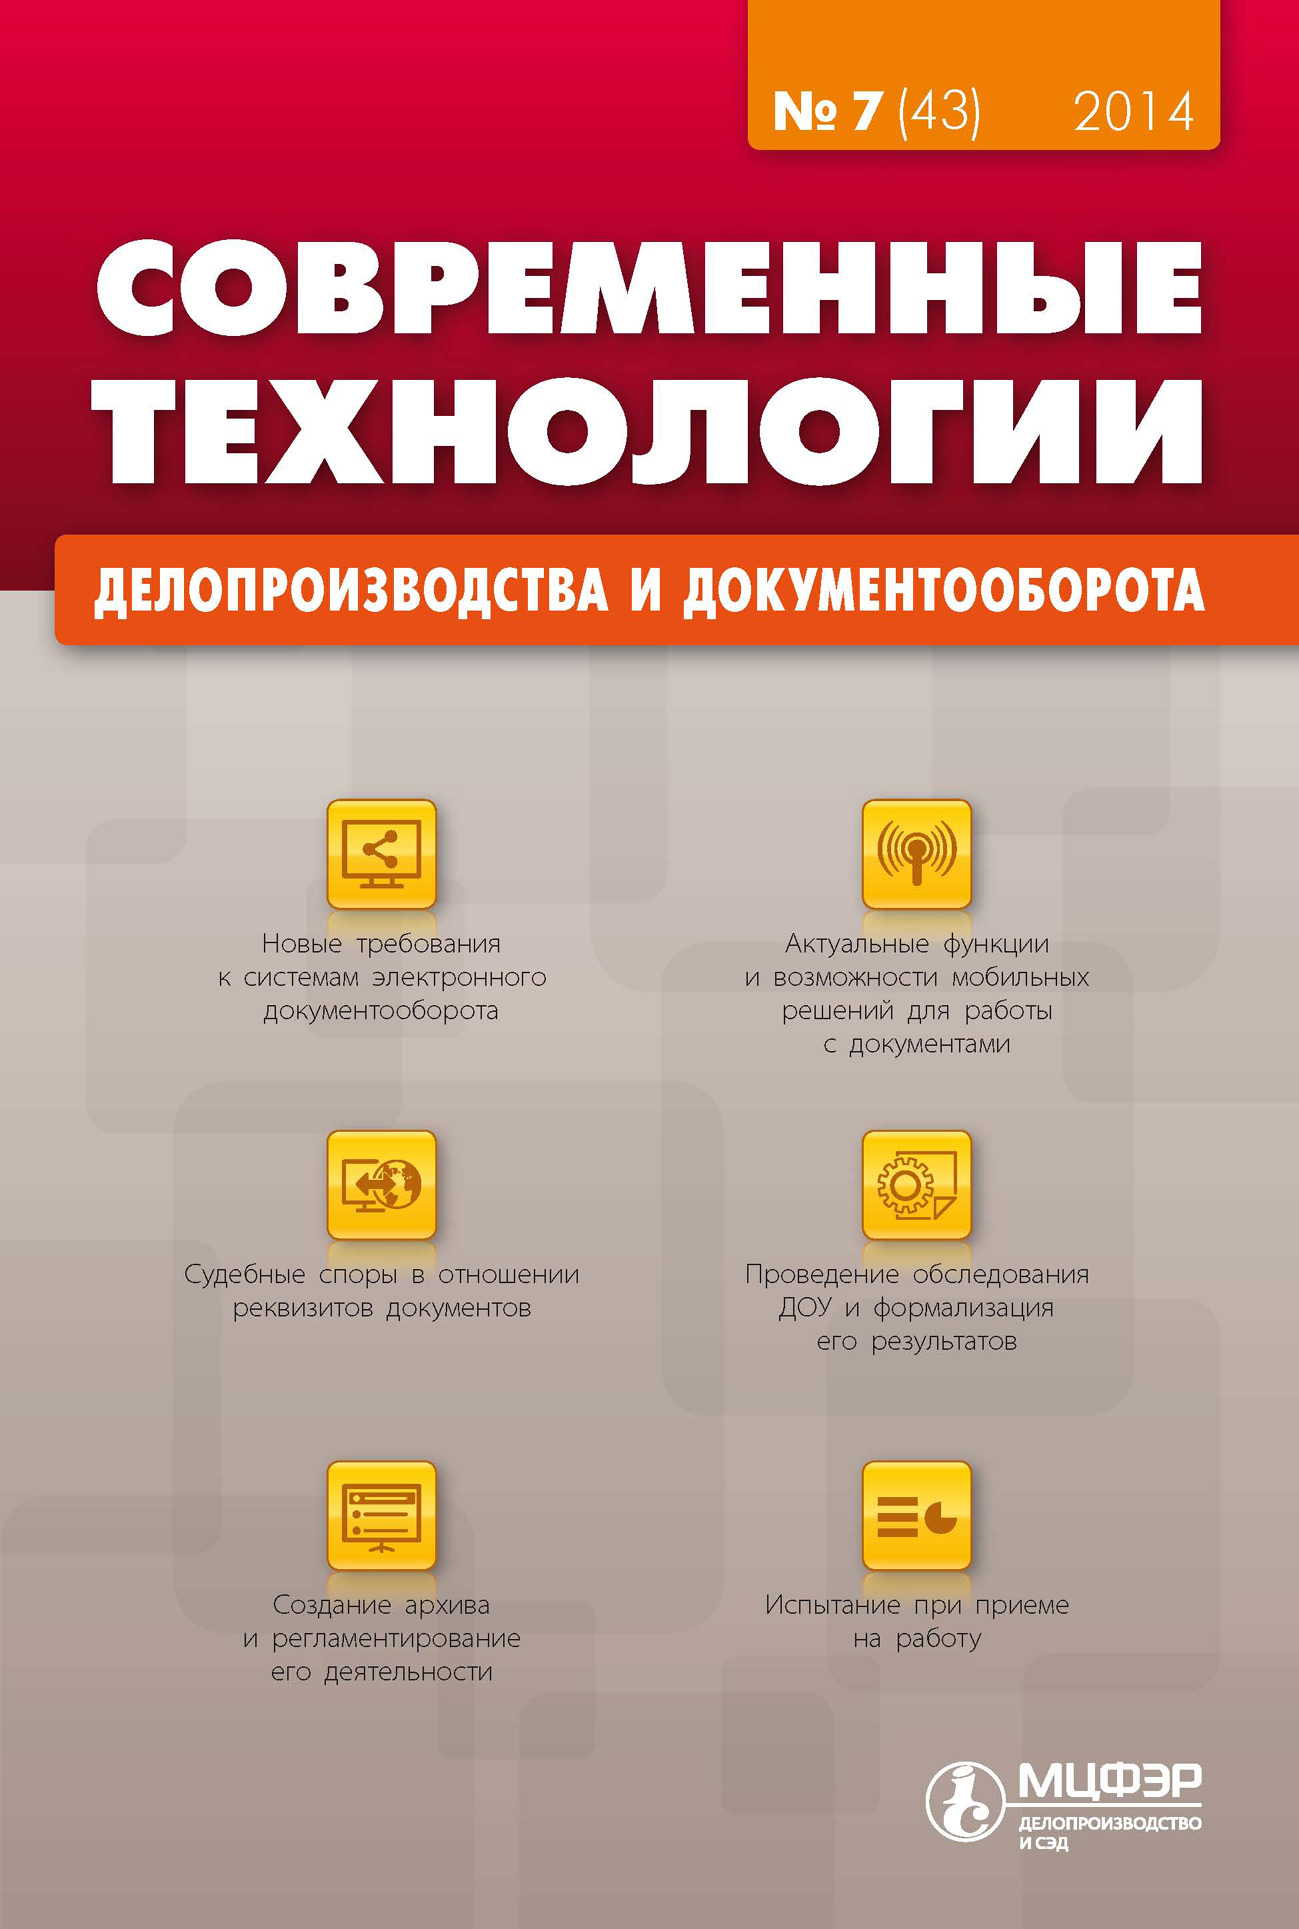 Современные технологии делопроизводства и документооборота № 7 (43) 2014